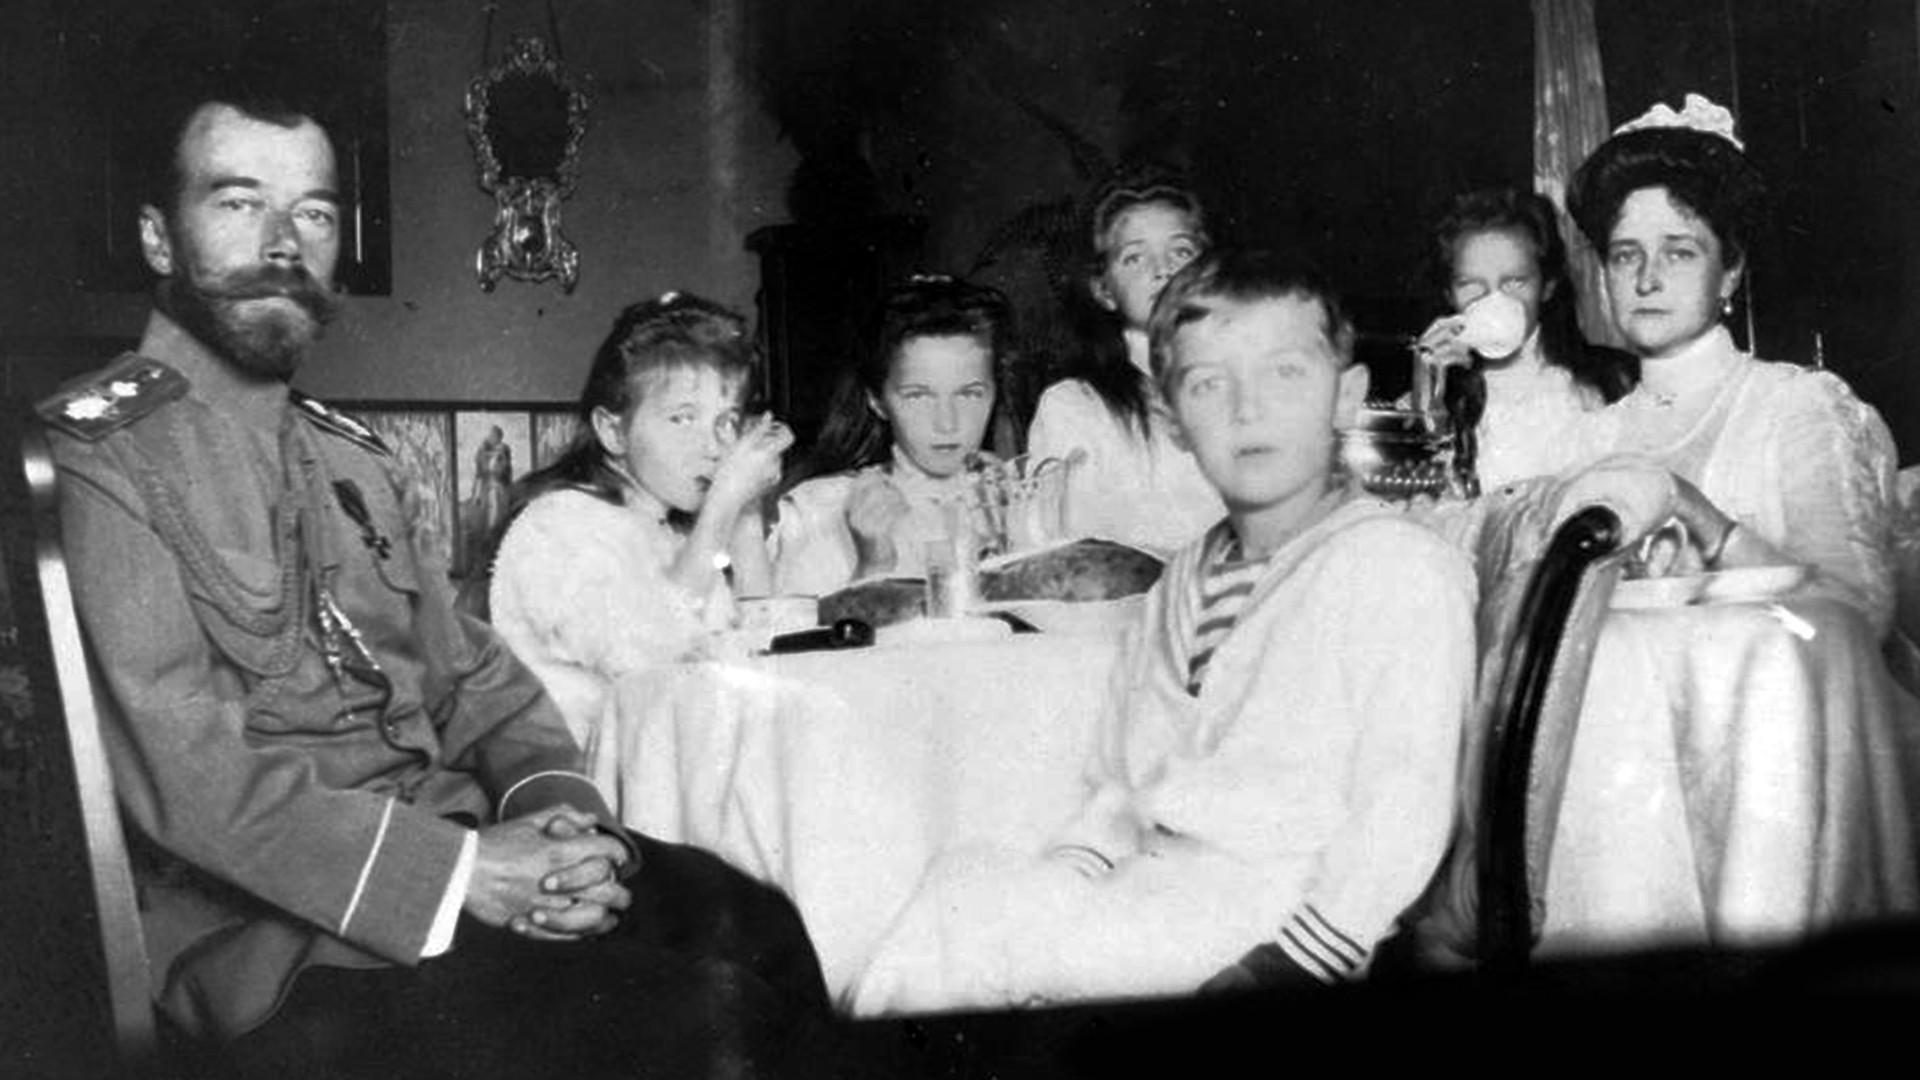 Цар Николај II са породицом у императорском вагону. Русија, 1916.